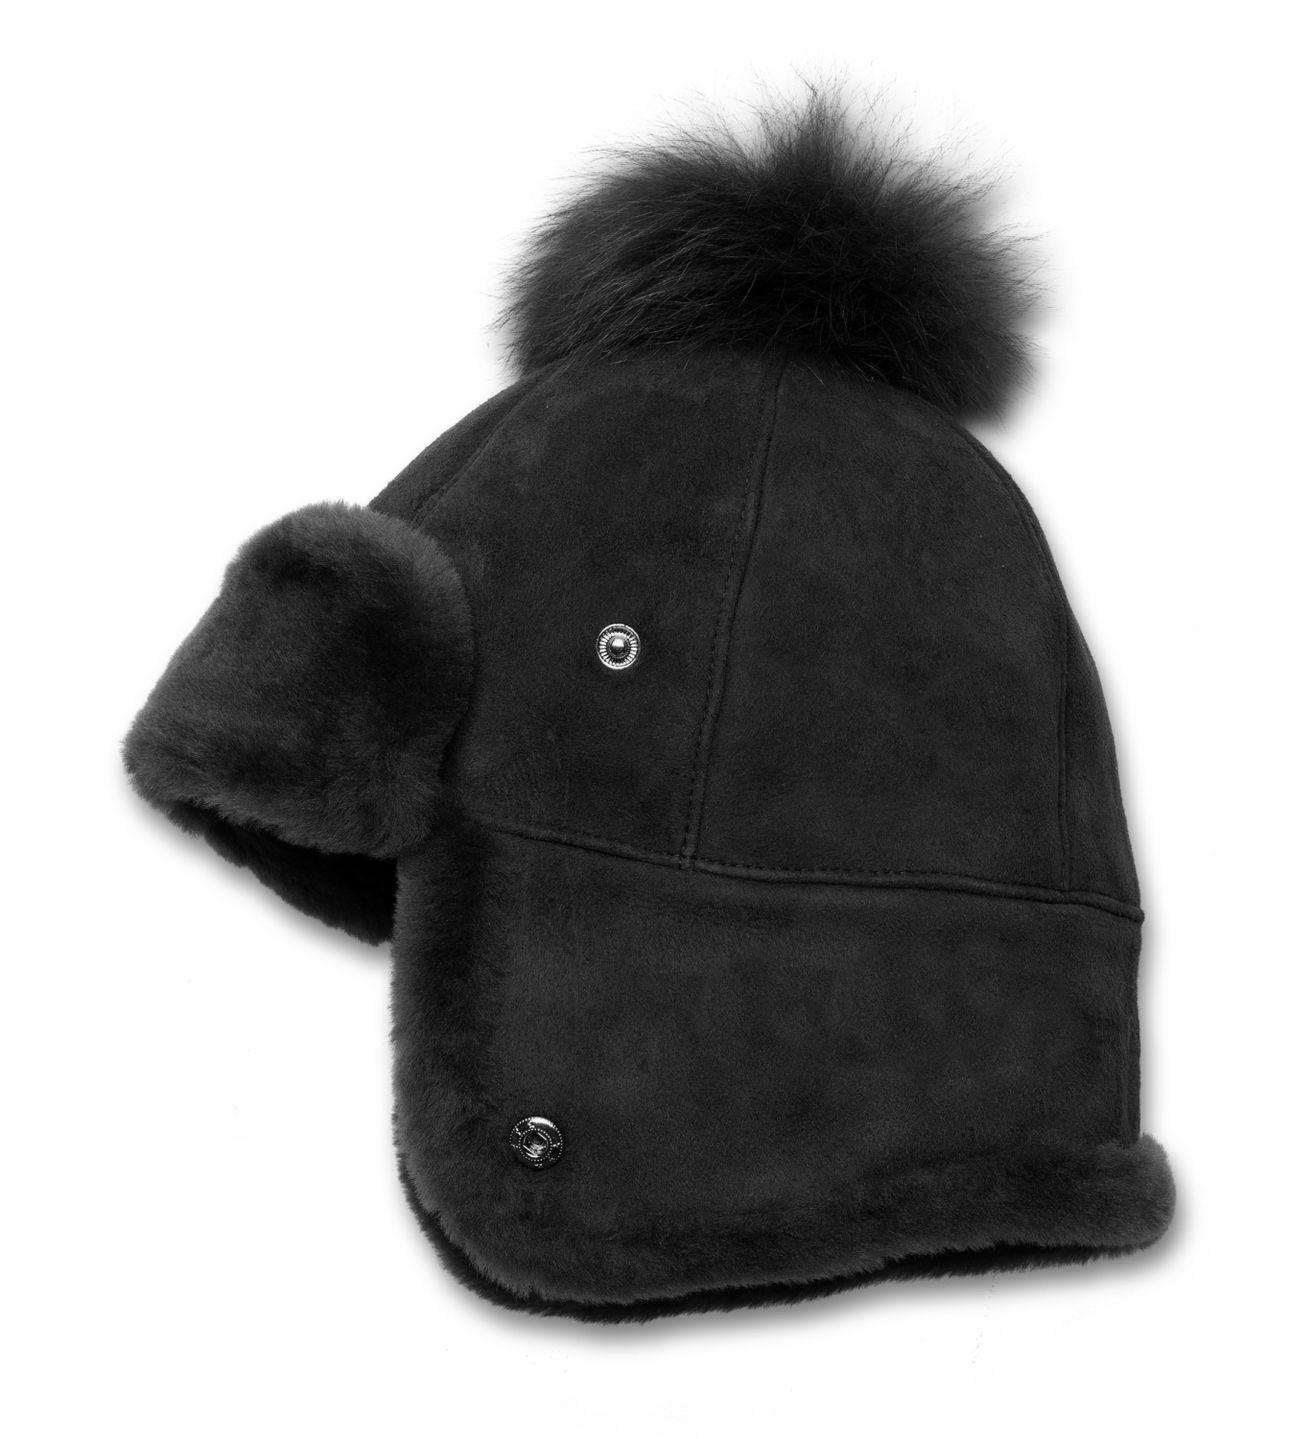 02fadb31d9cbf UGG® Carry Forward Sheepskin Pom Hat Hoeden petten mutsen voor Dames ...